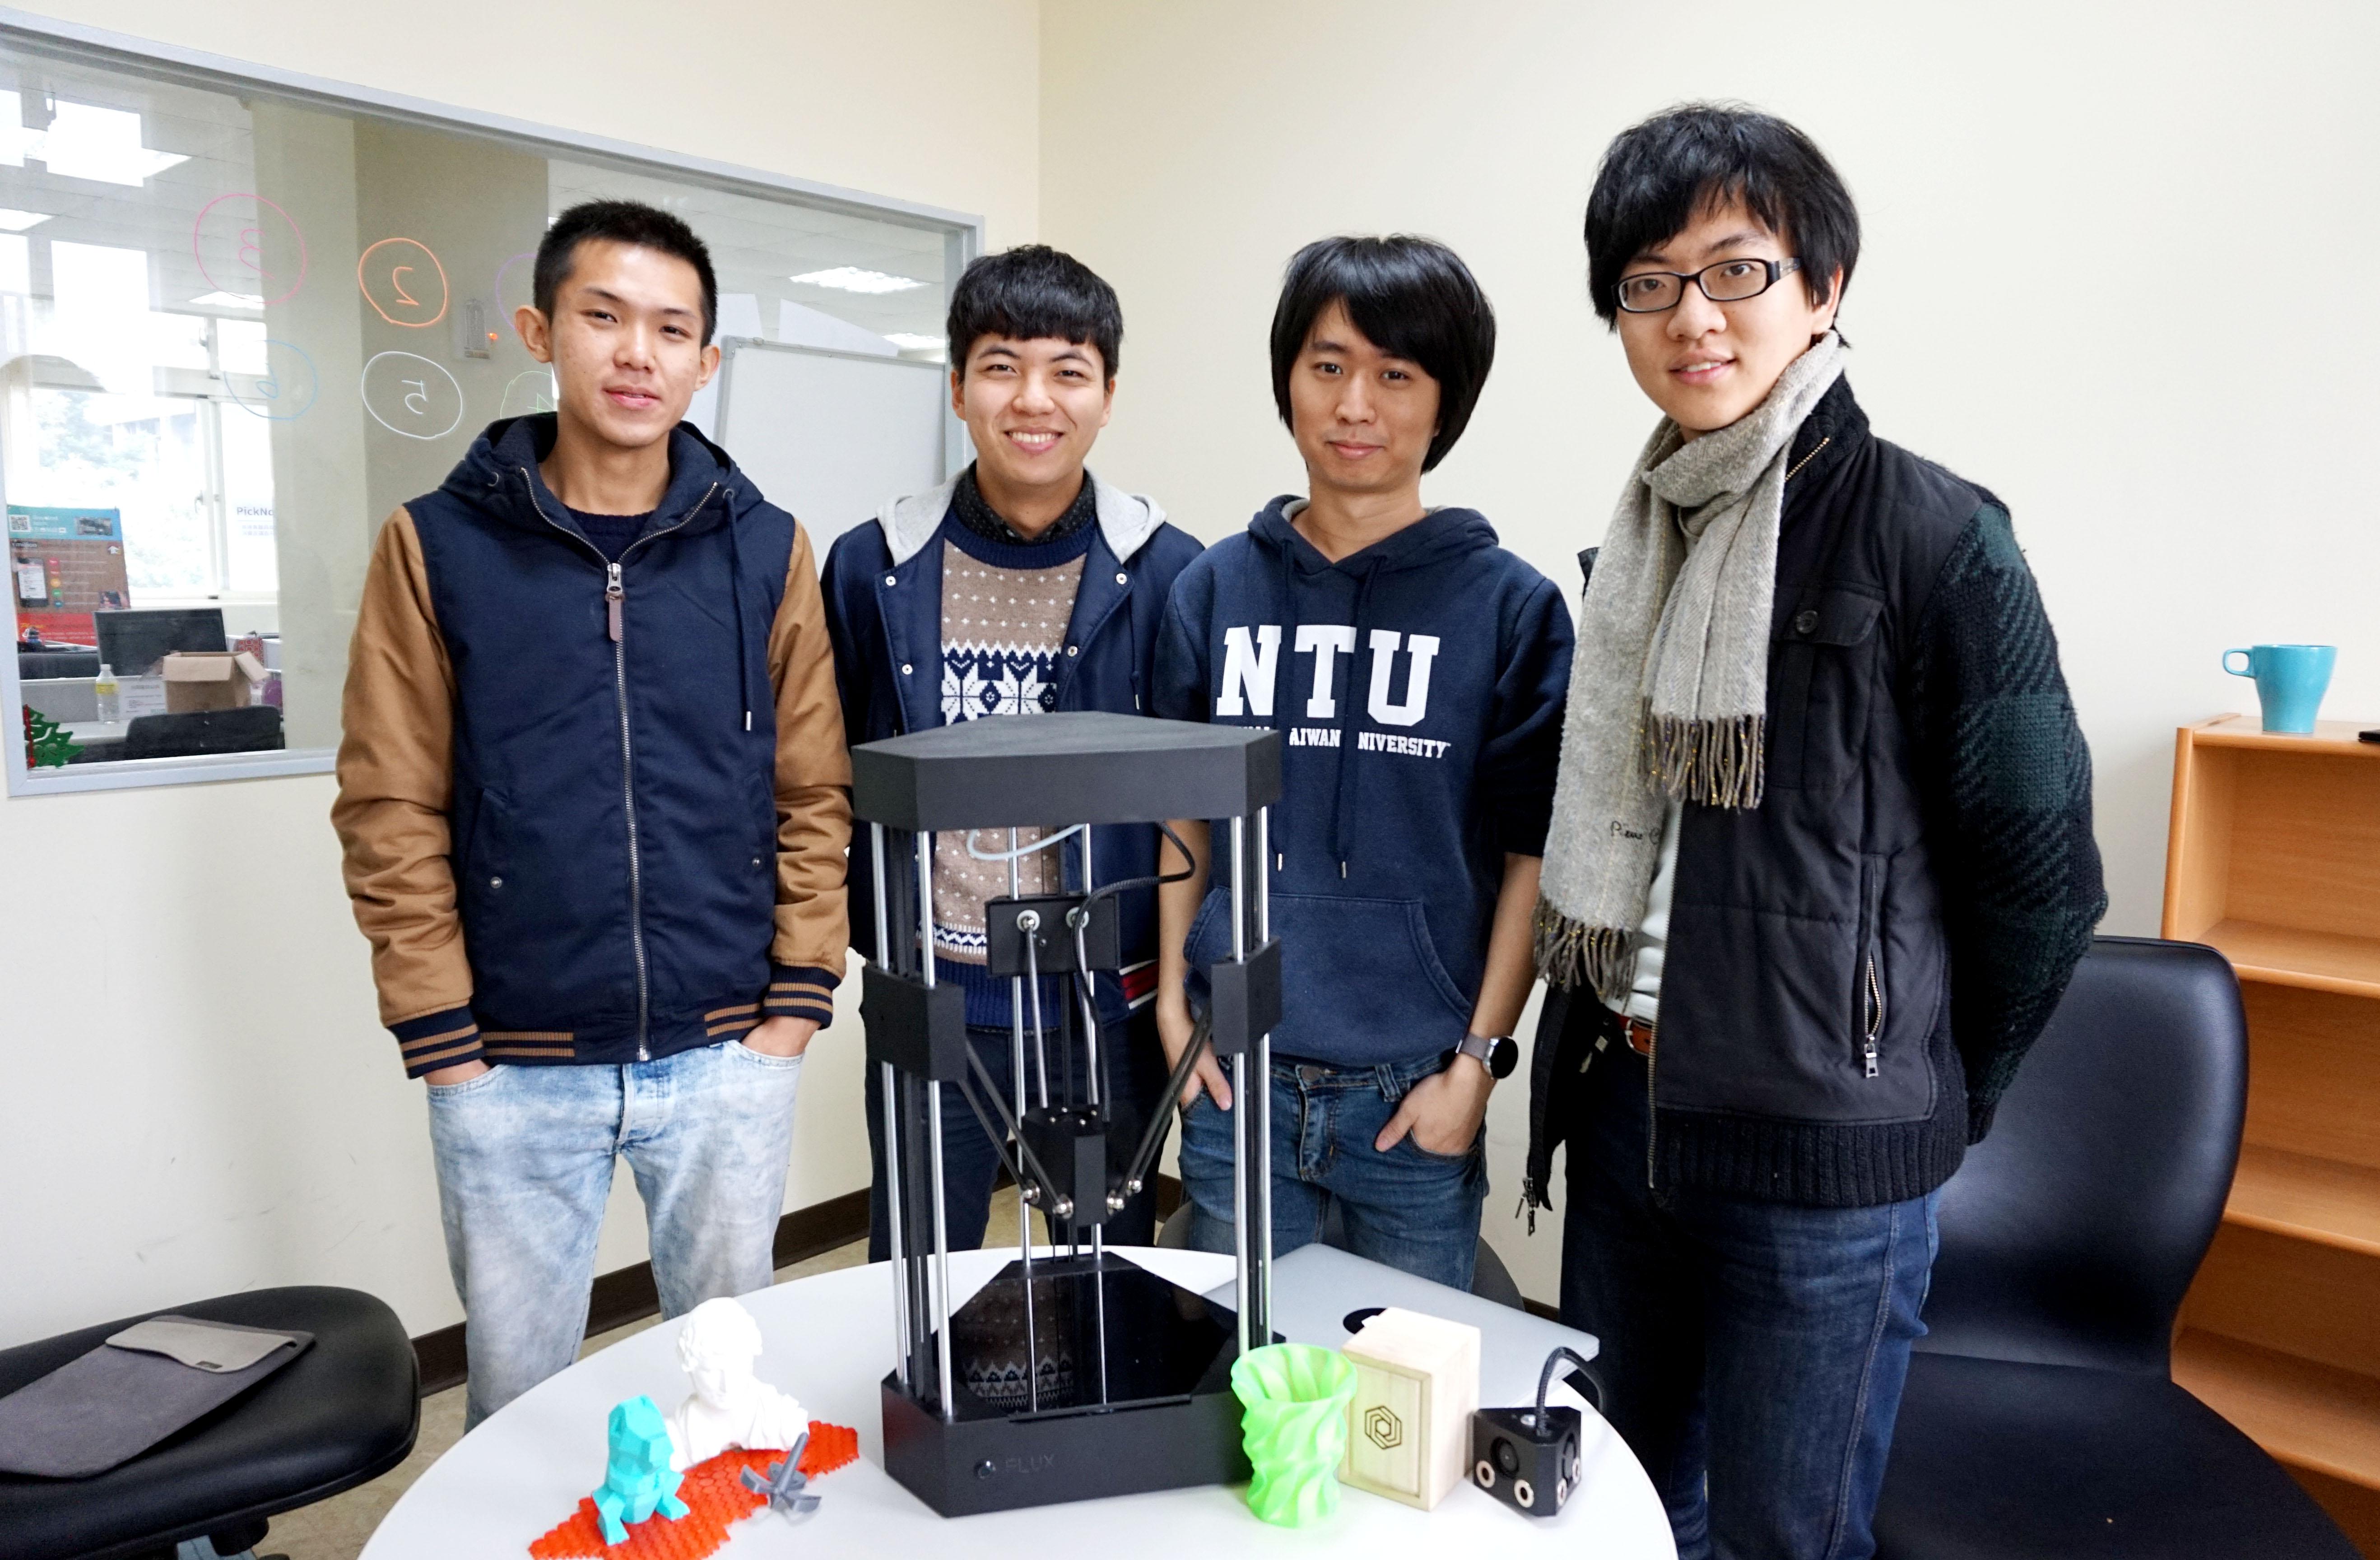 【專訪】休學創業募到 4,500 萬和矽谷精神,FLUX 3D 印表機印出未來夢想